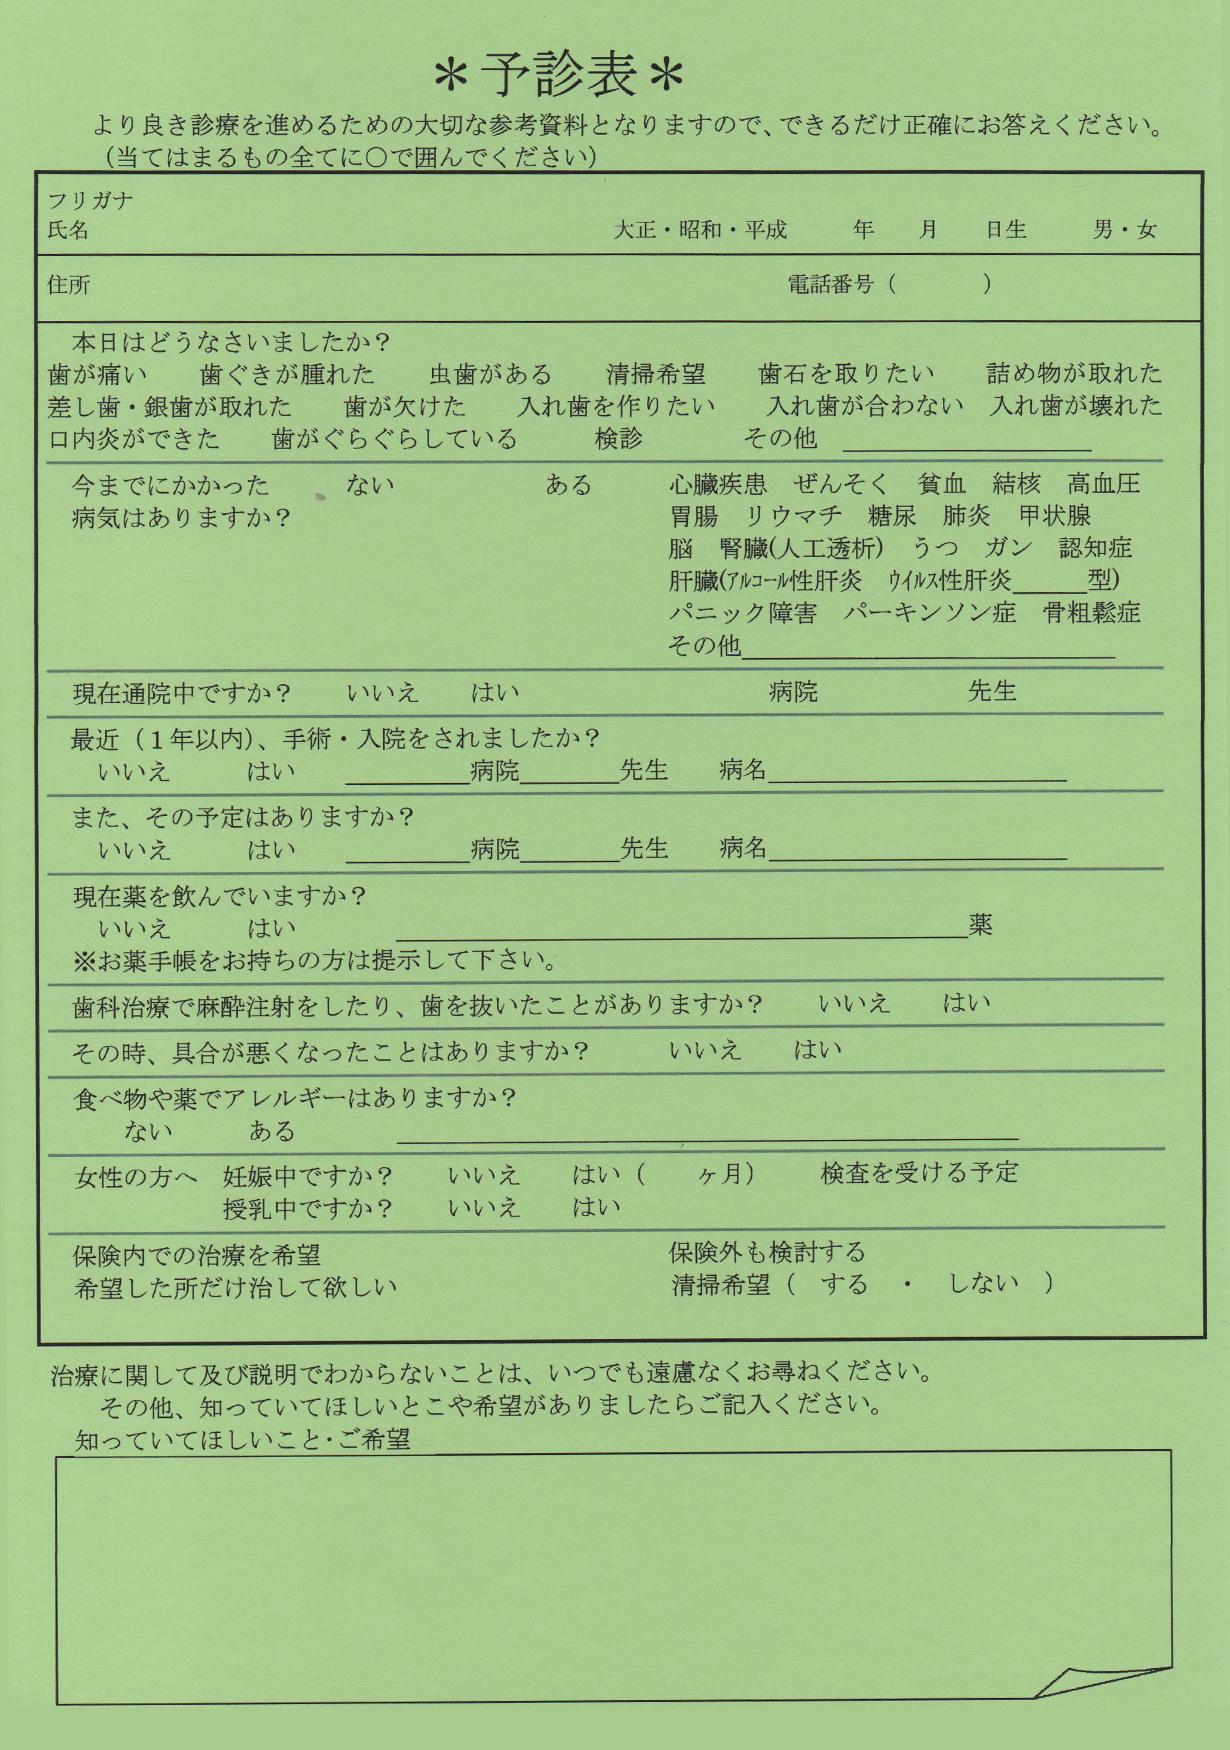 恵庭すずらん歯科クリニックの問診票(成人用)